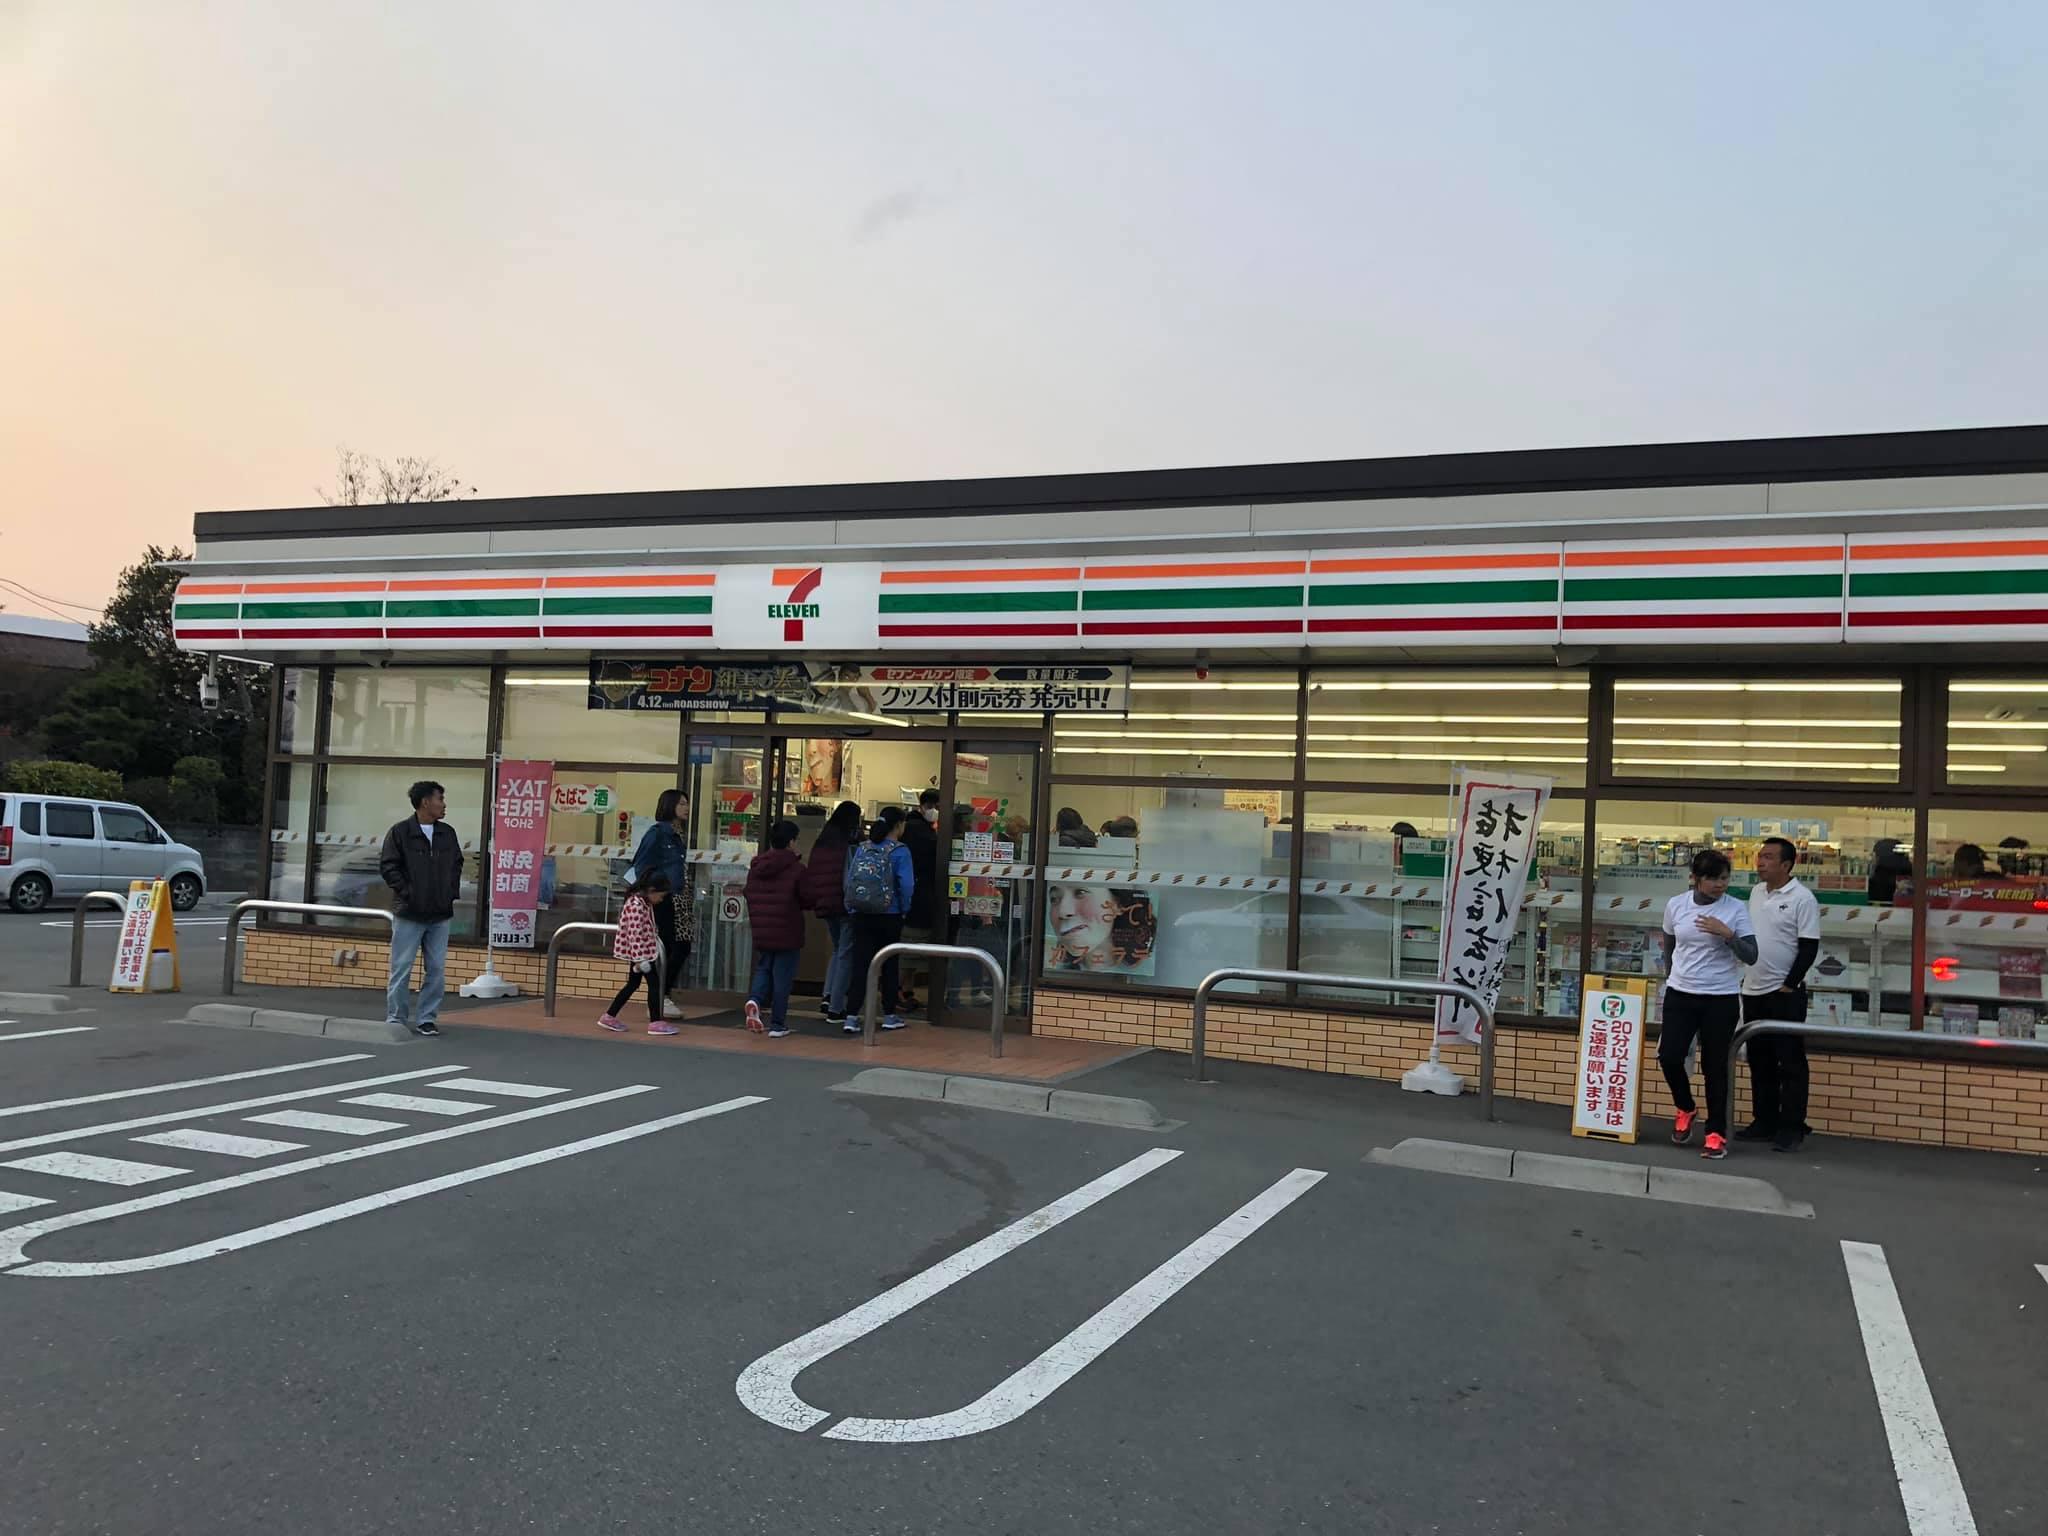 7-11 ที่ญี่ปุ่นมีอะไรขายบ้าง